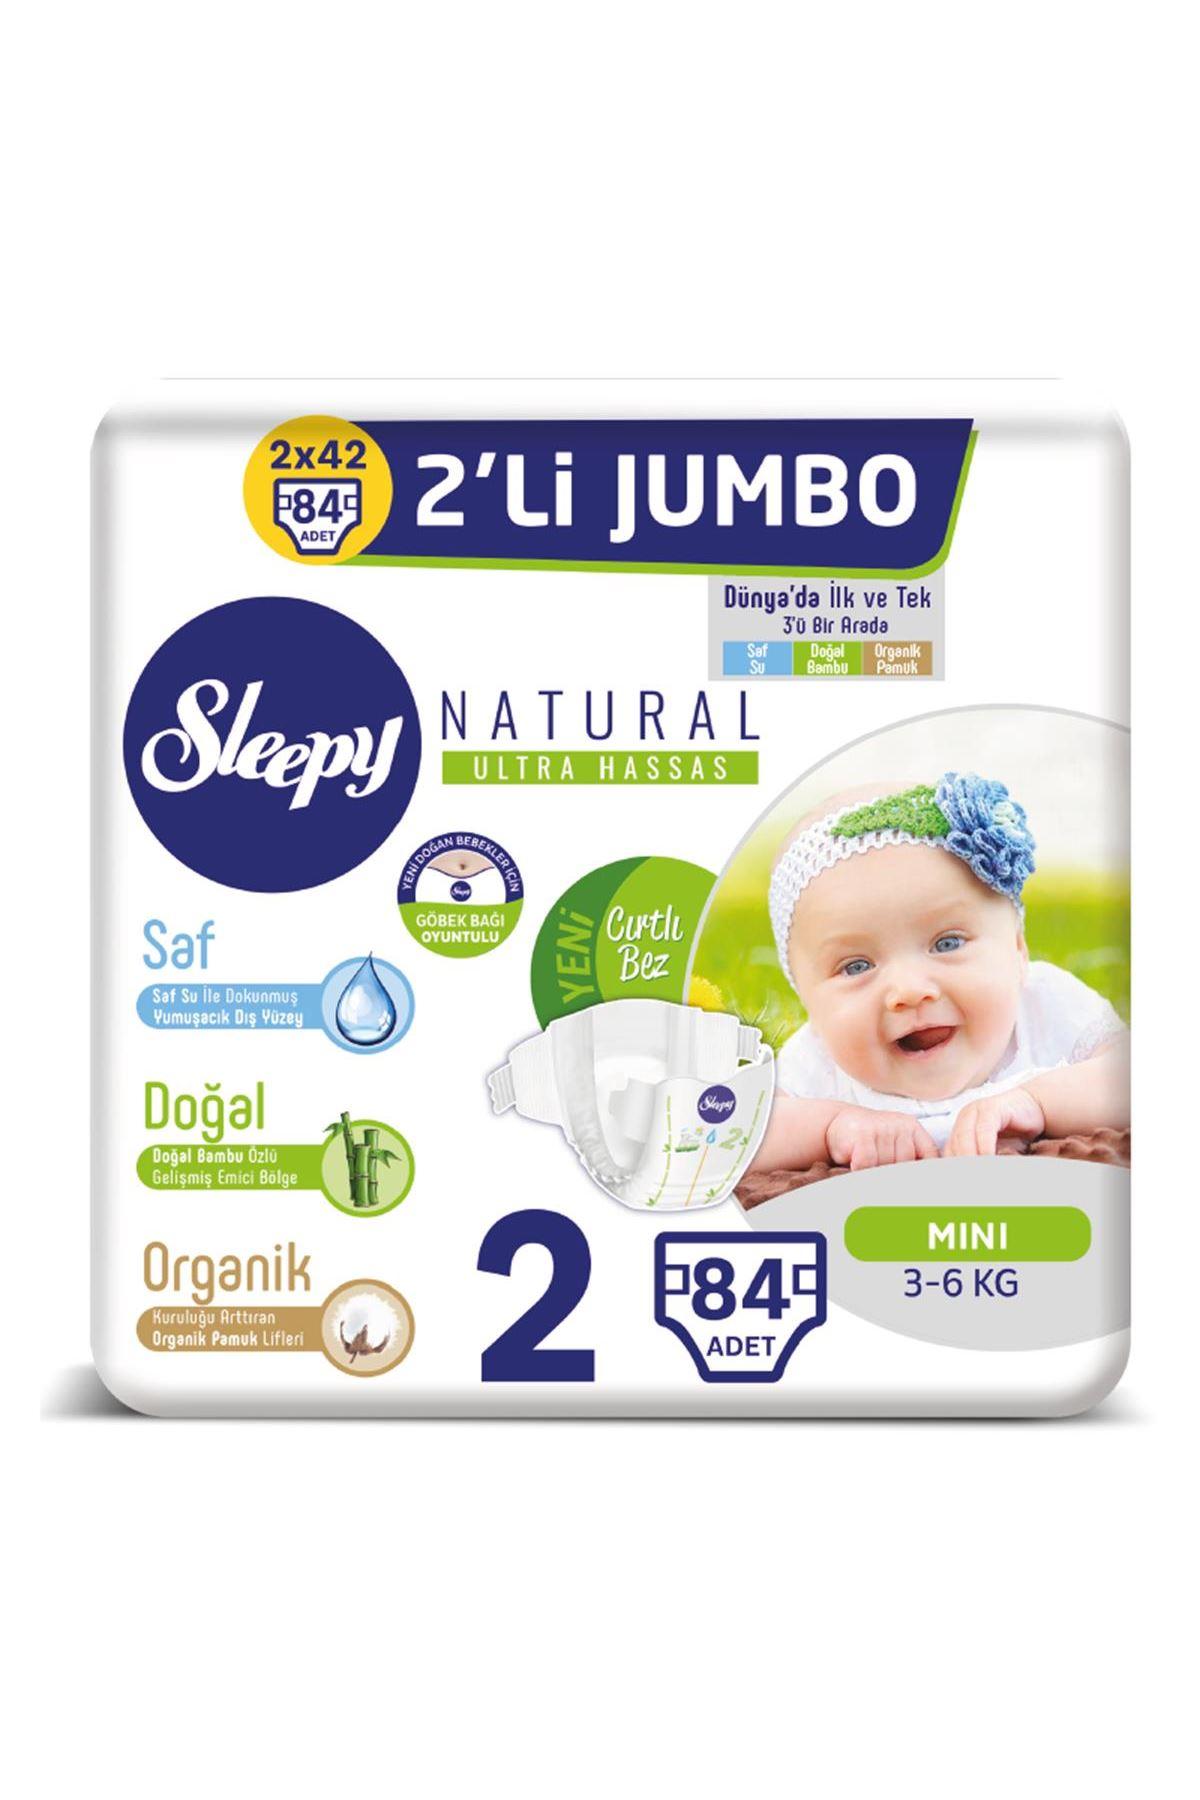 Sleepy Natural Bebek Bezi 2li Jumbo 2 Beden 3-6 Kg 84 Adet